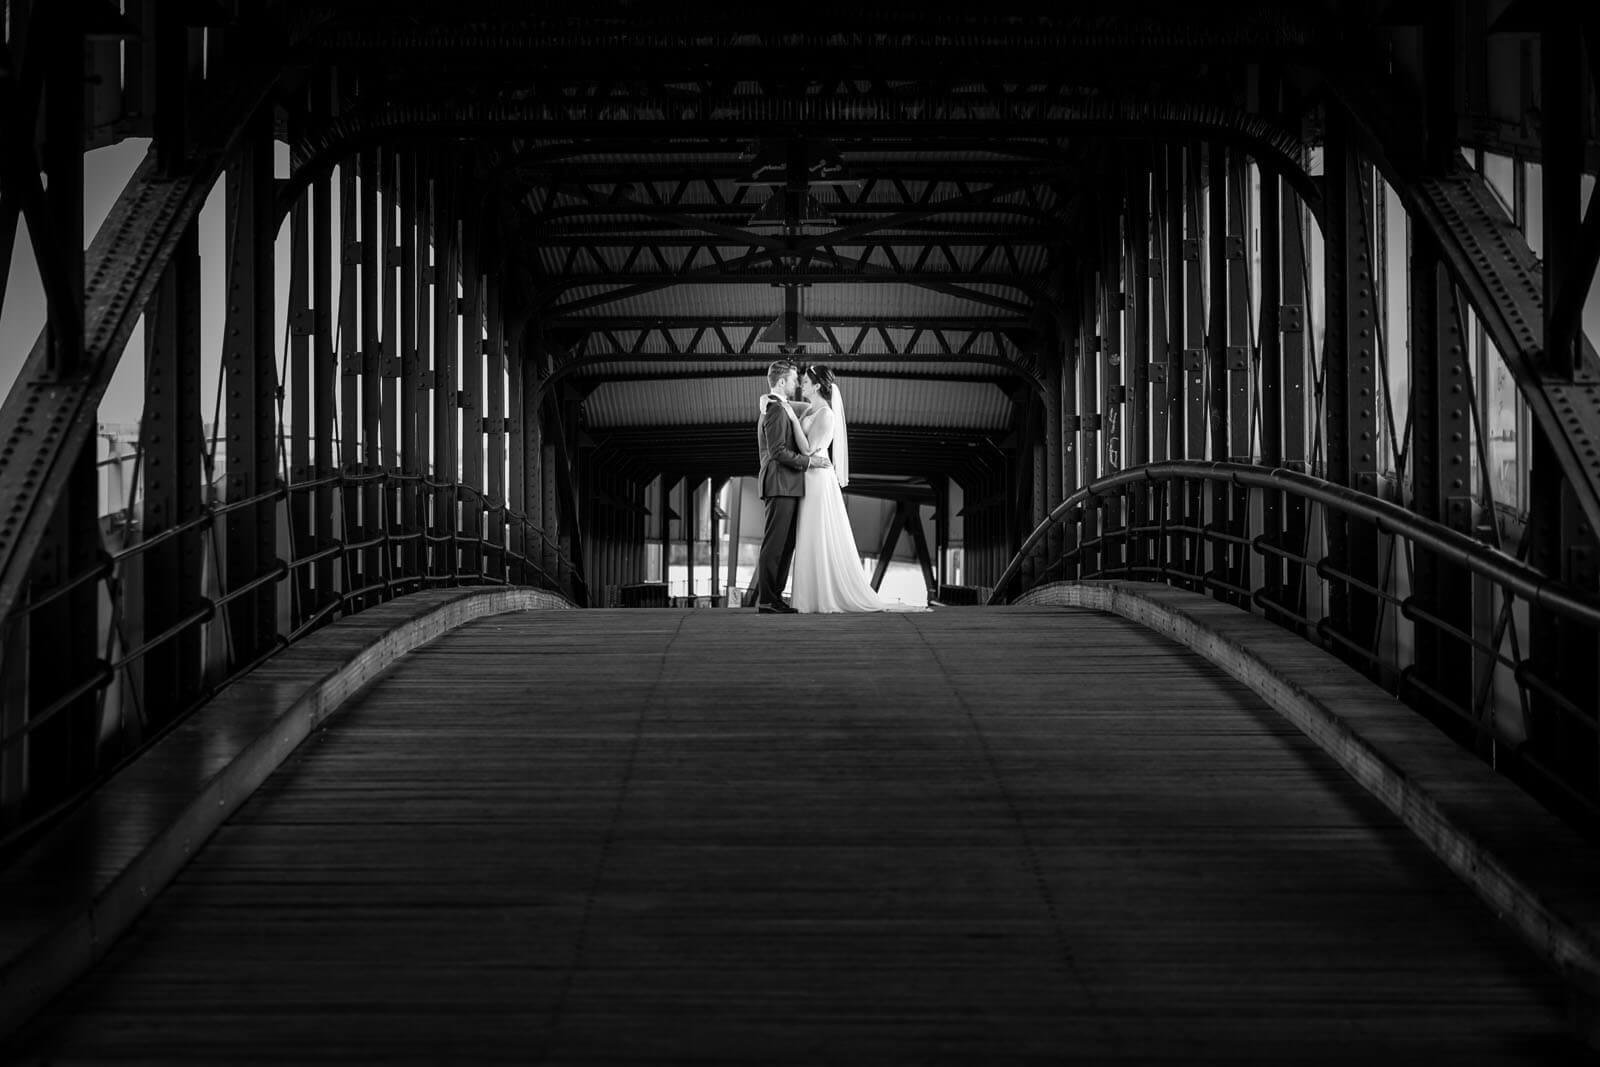 Hochzeitsfotos am Baumwall auf der Gangway zur Cap San Diego